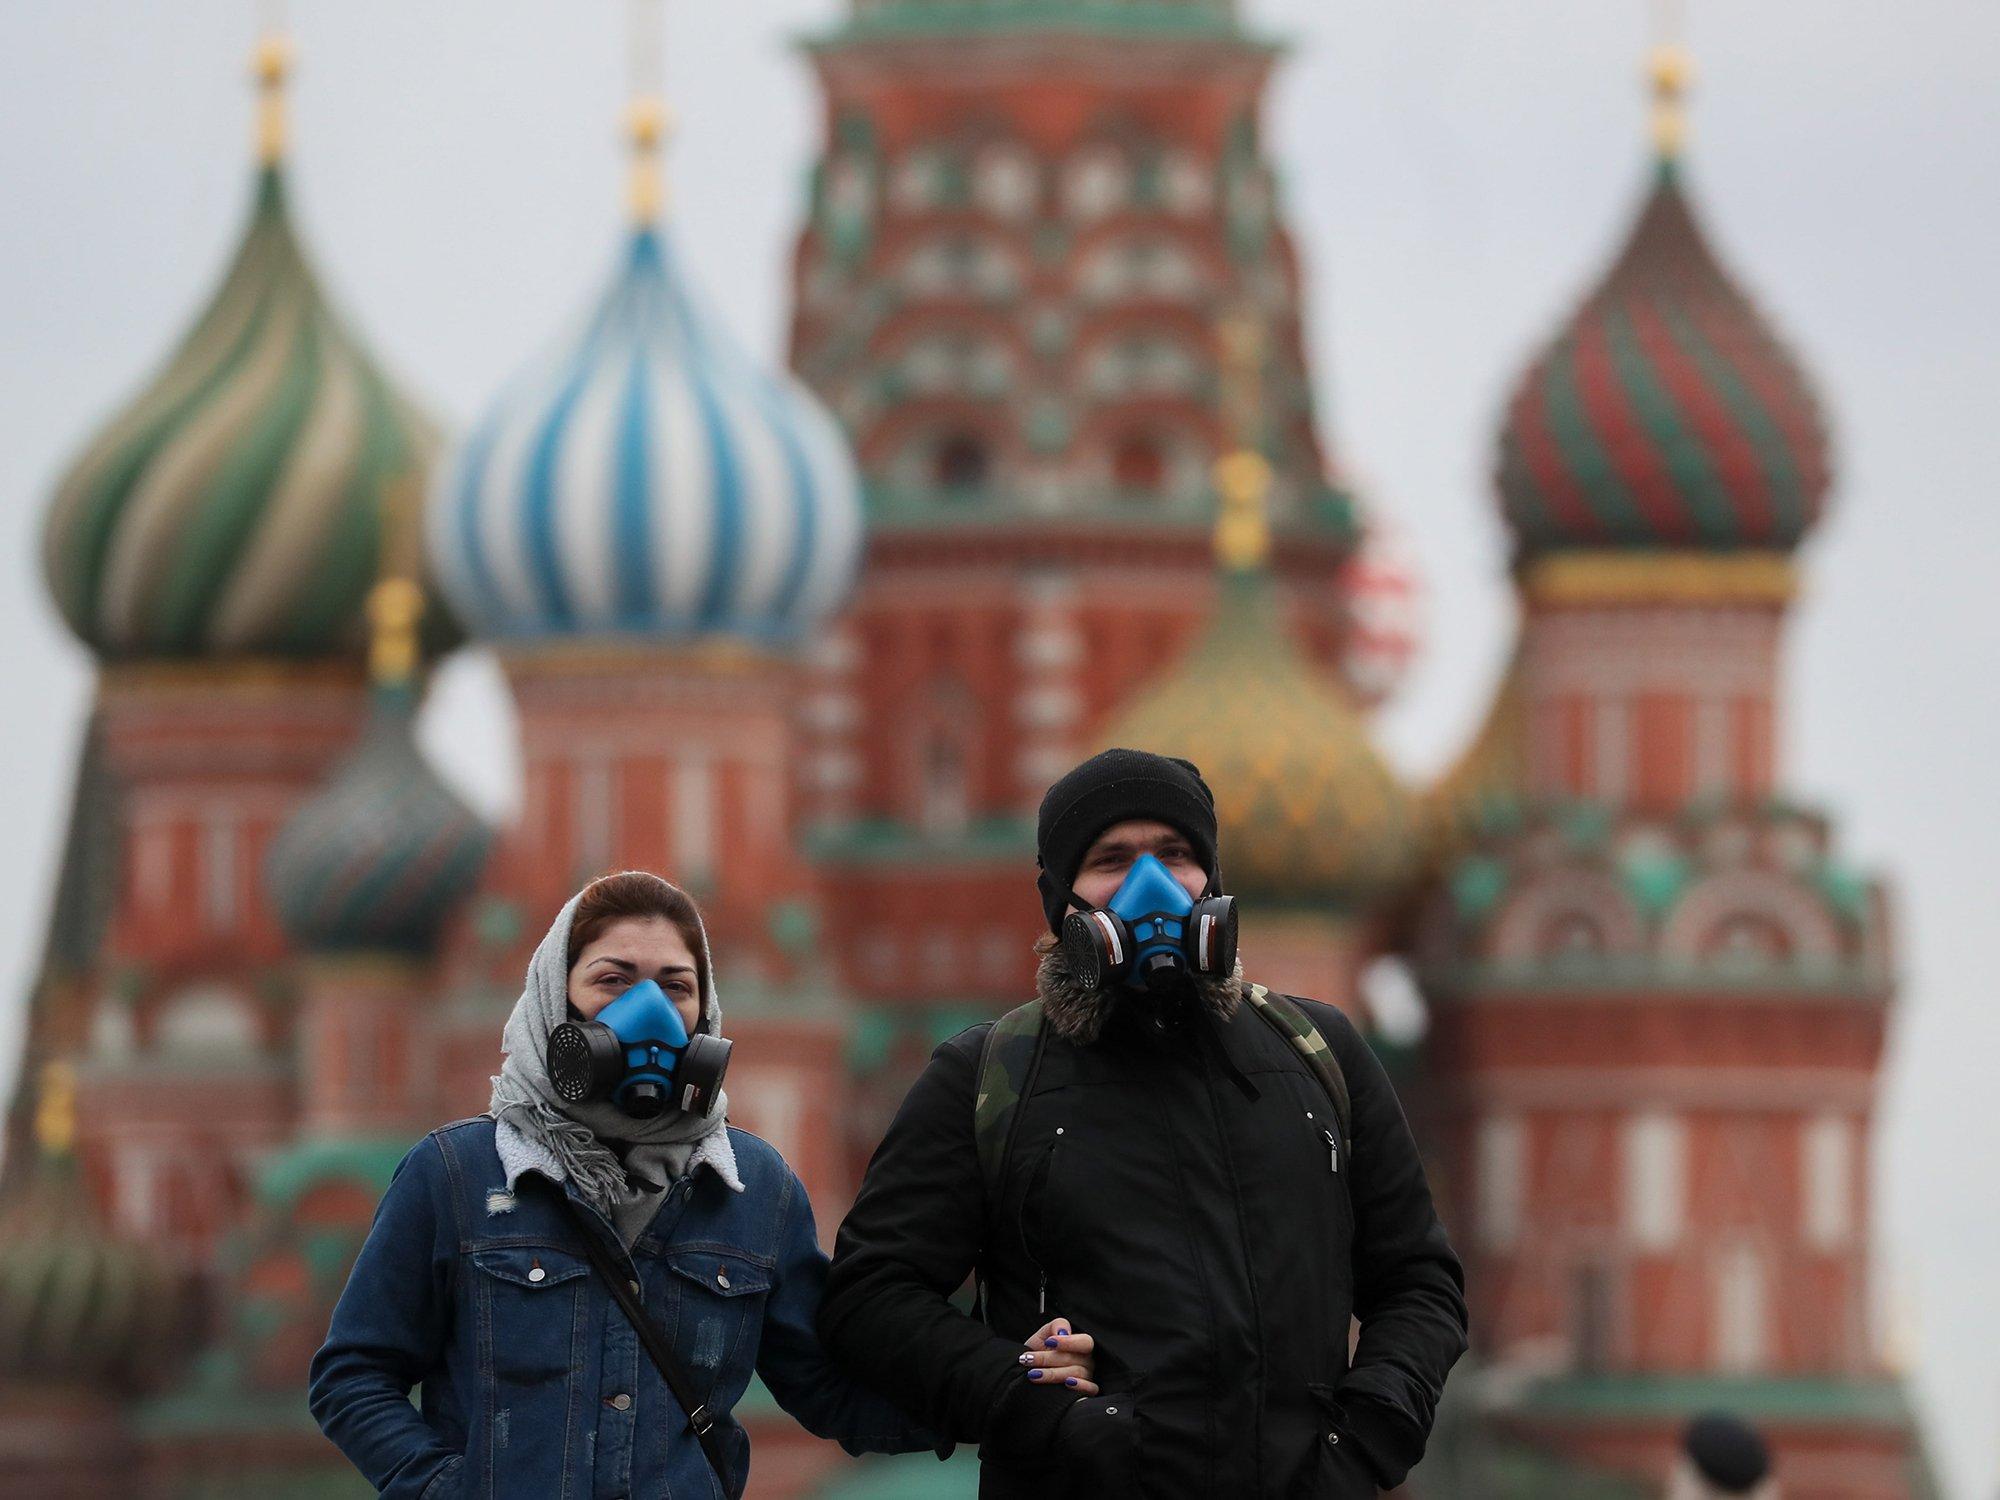 Ожидания пика коронавируса в России сдвинулись